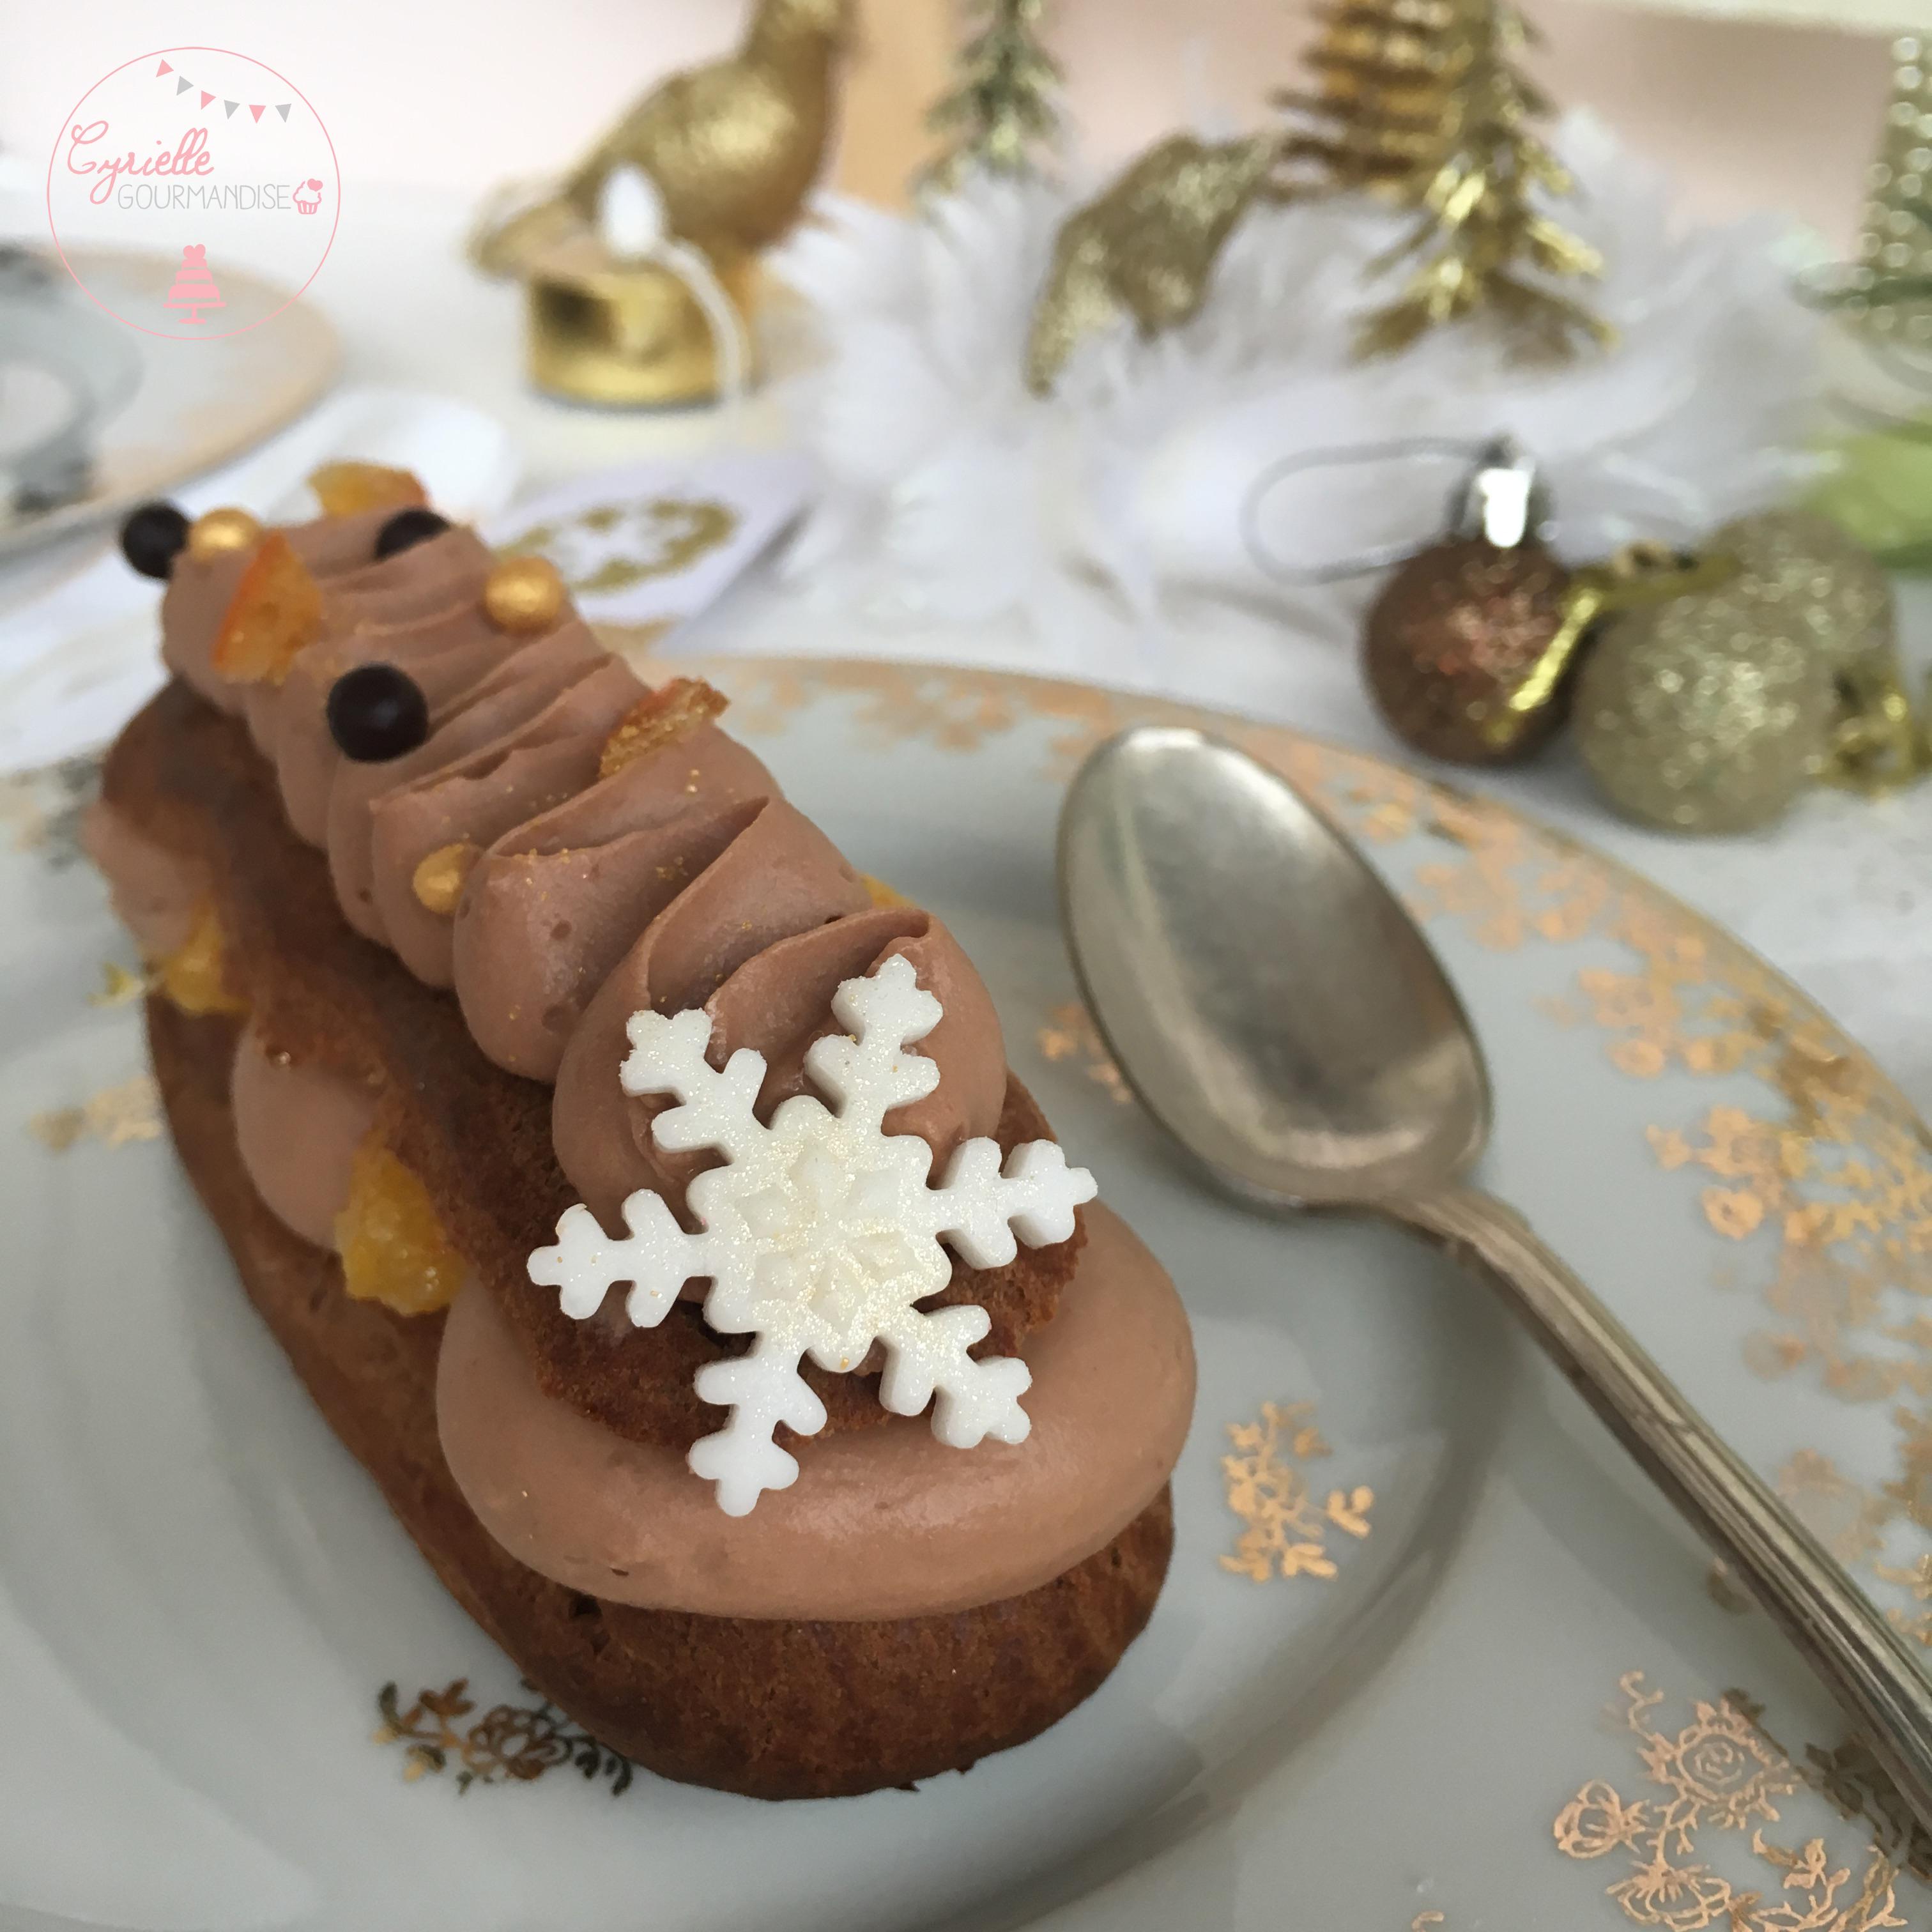 eclair-de-noel-chocolat-clementine-4